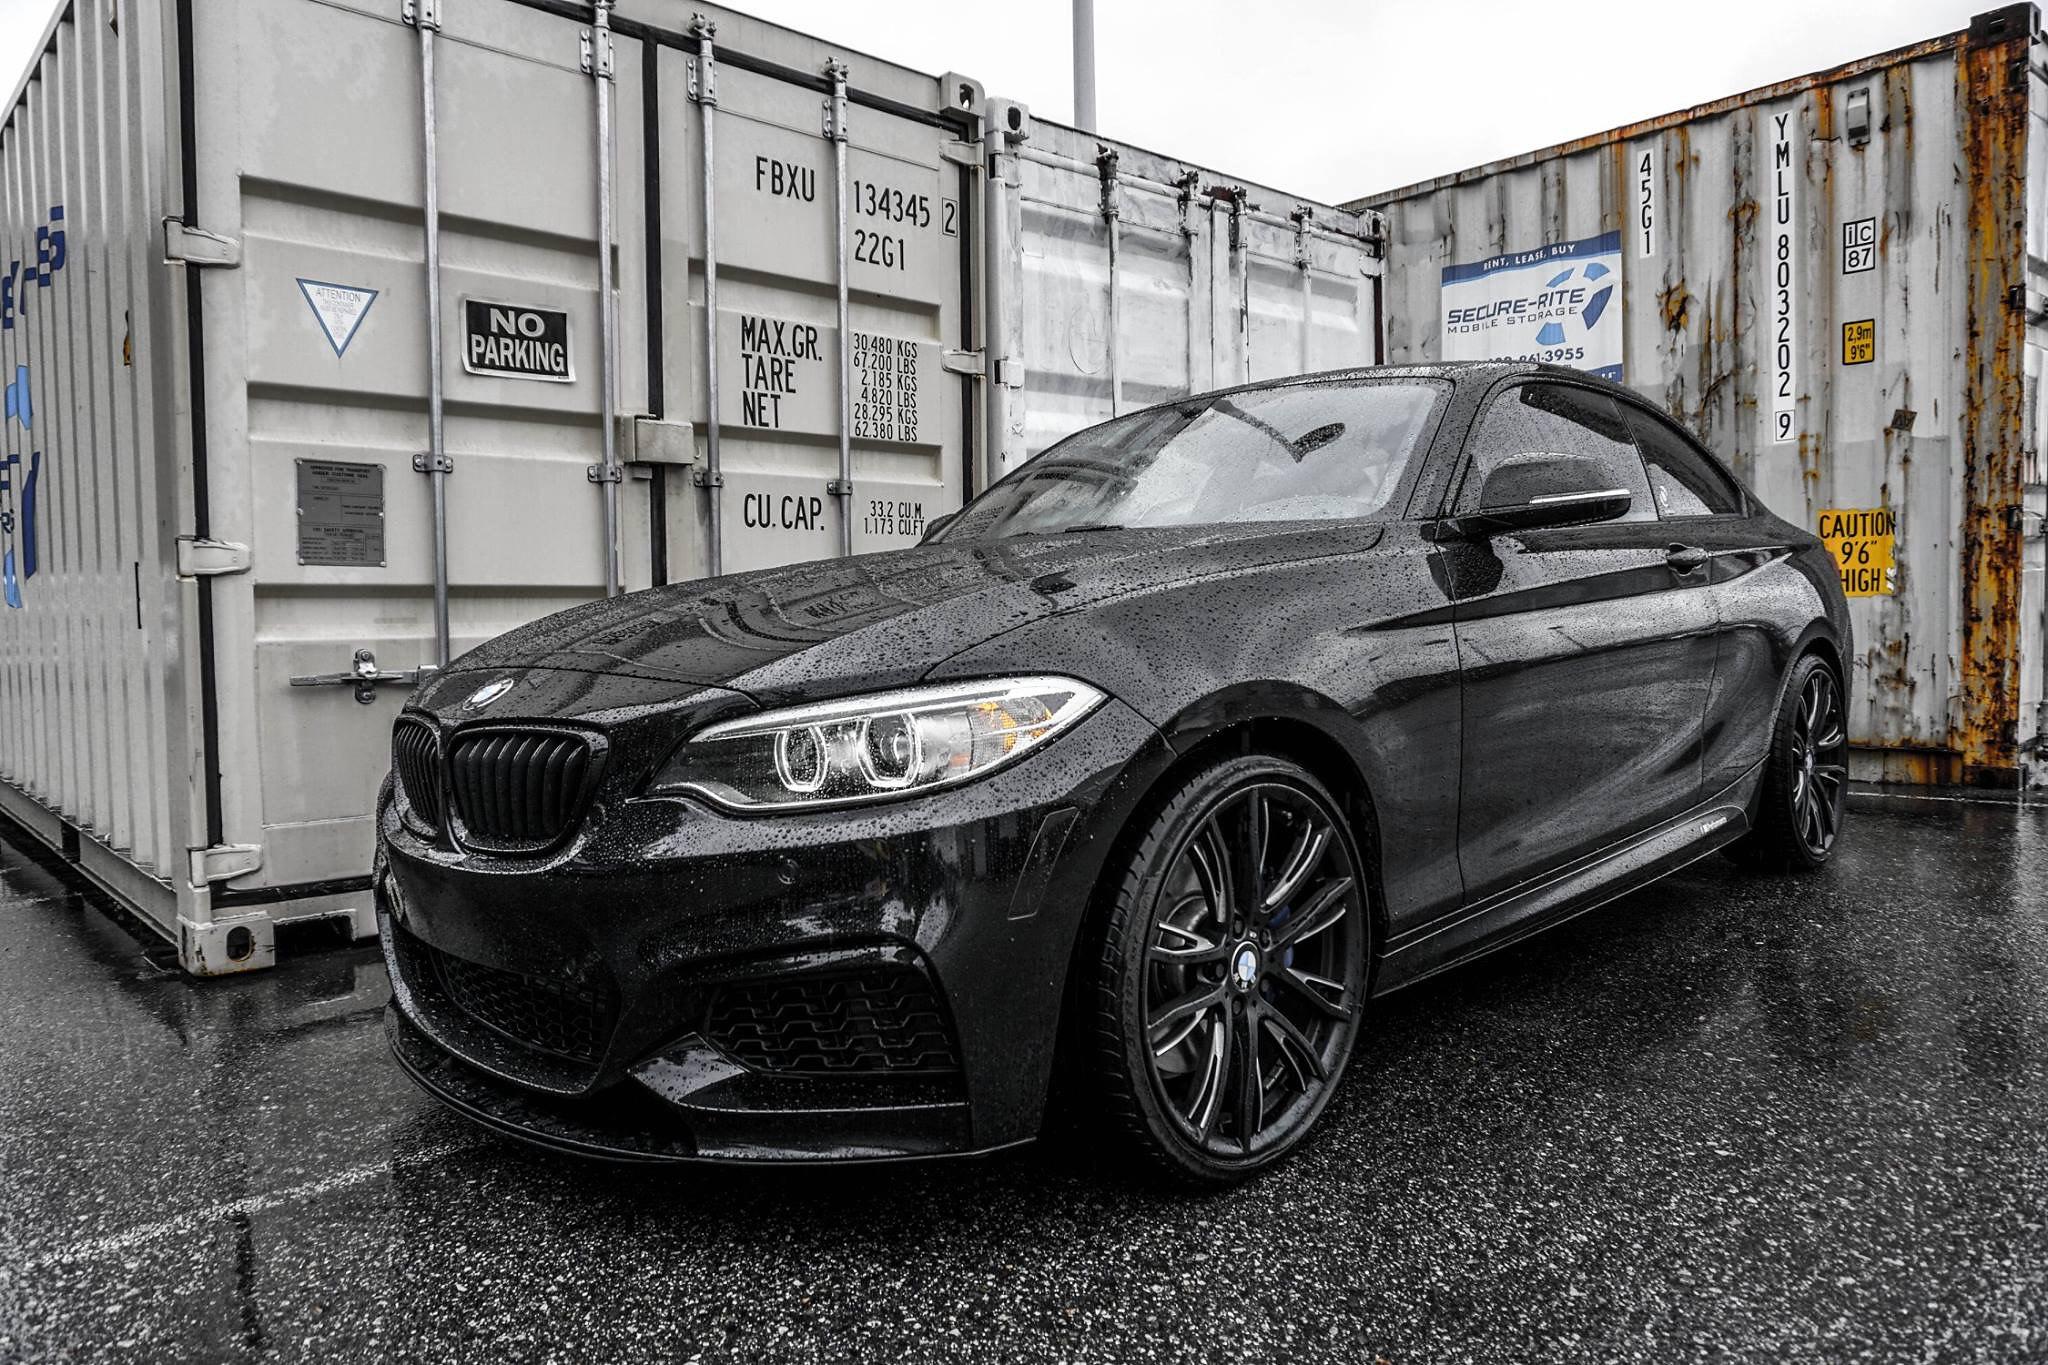 Fits BMW 2 Series F23 M235i xDrive Genuine Apec Rear Brake Pad Wear Sensor